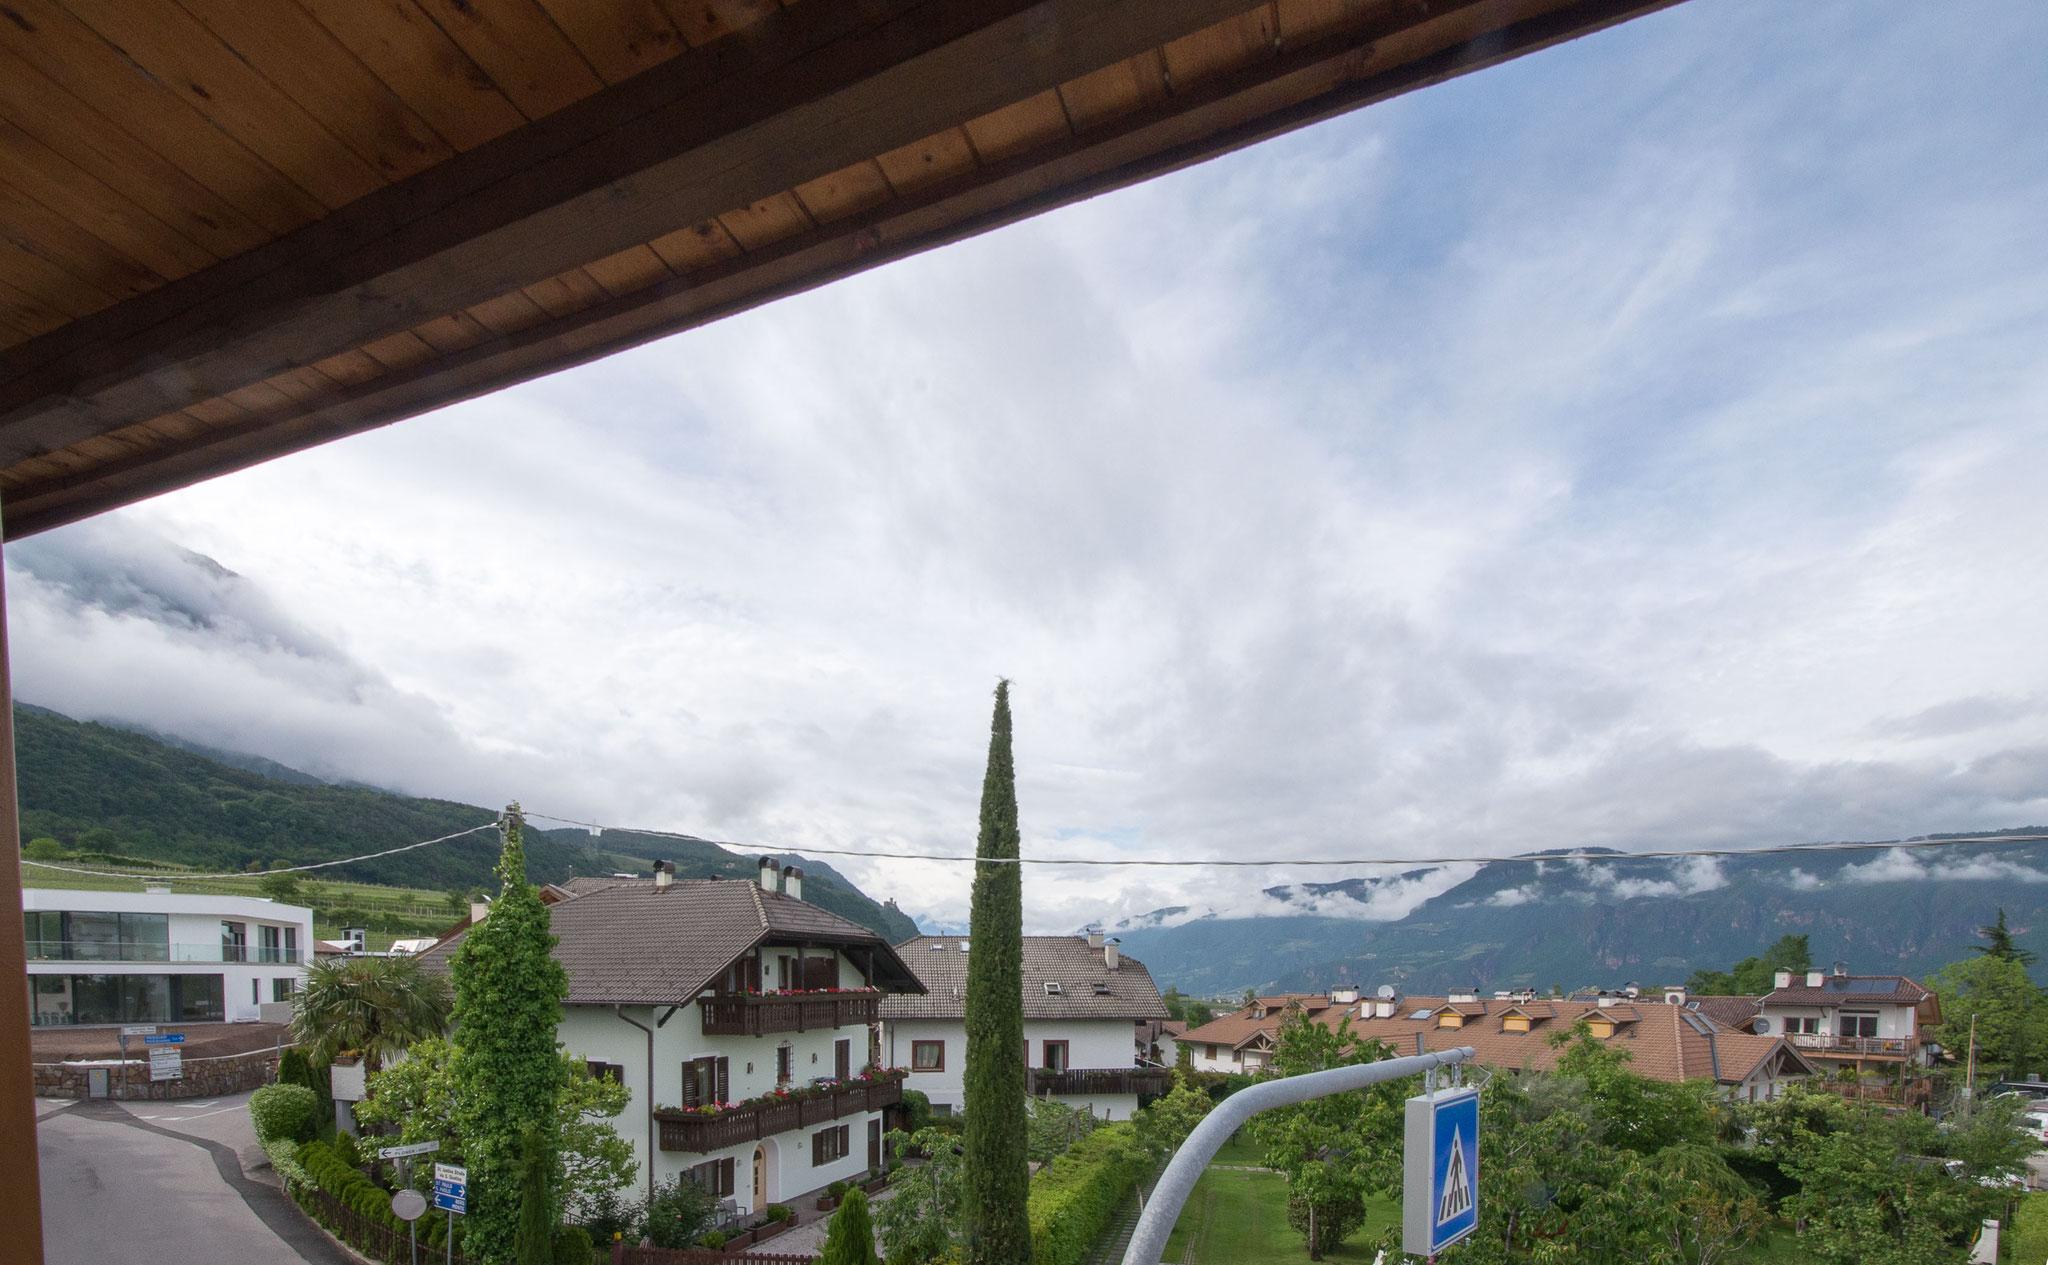 Der Blick aus dem Fenster von Zimmer Nummer 4 zeigt in Richtung Norden, also Schloss Hocheppan, Tschögglberg und Bozen